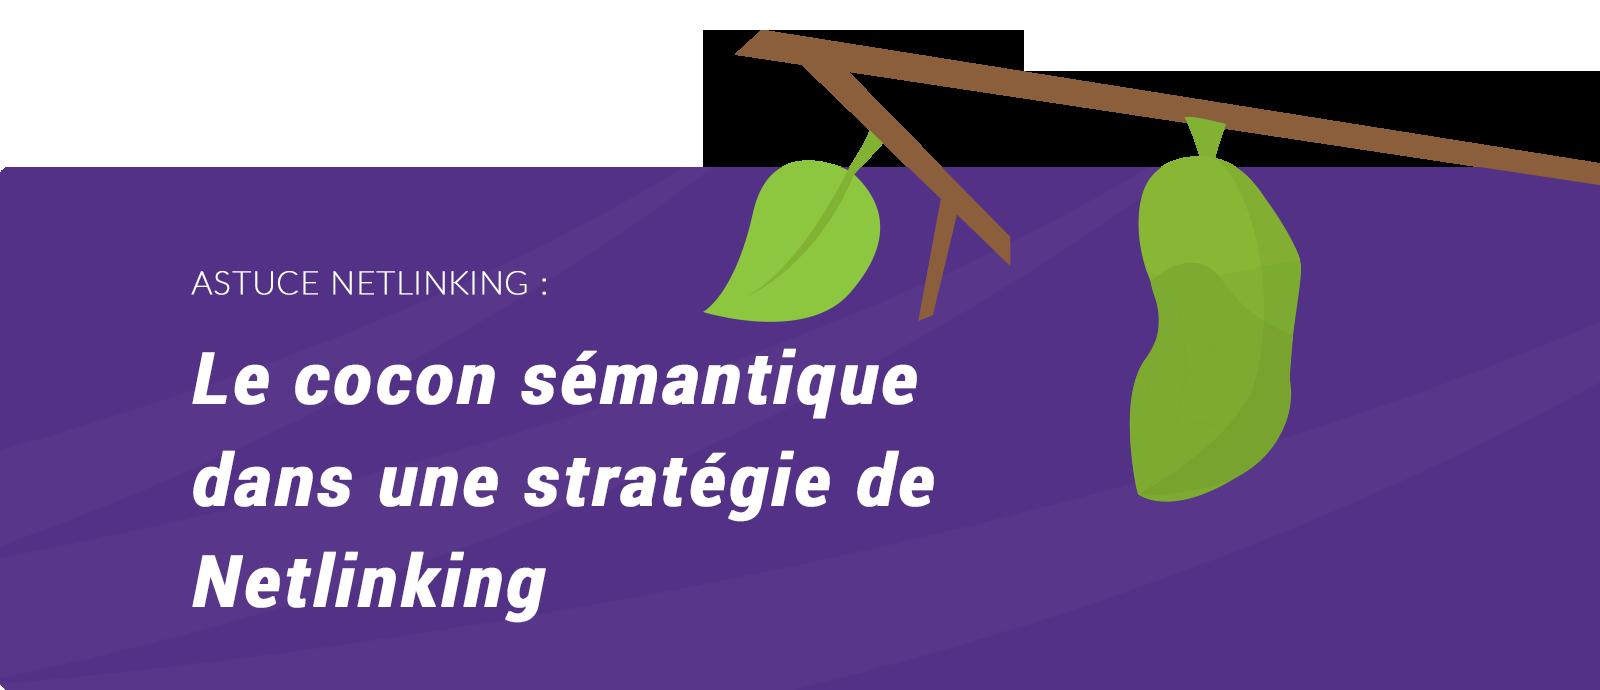 Cocon sémantique netlinking SEO